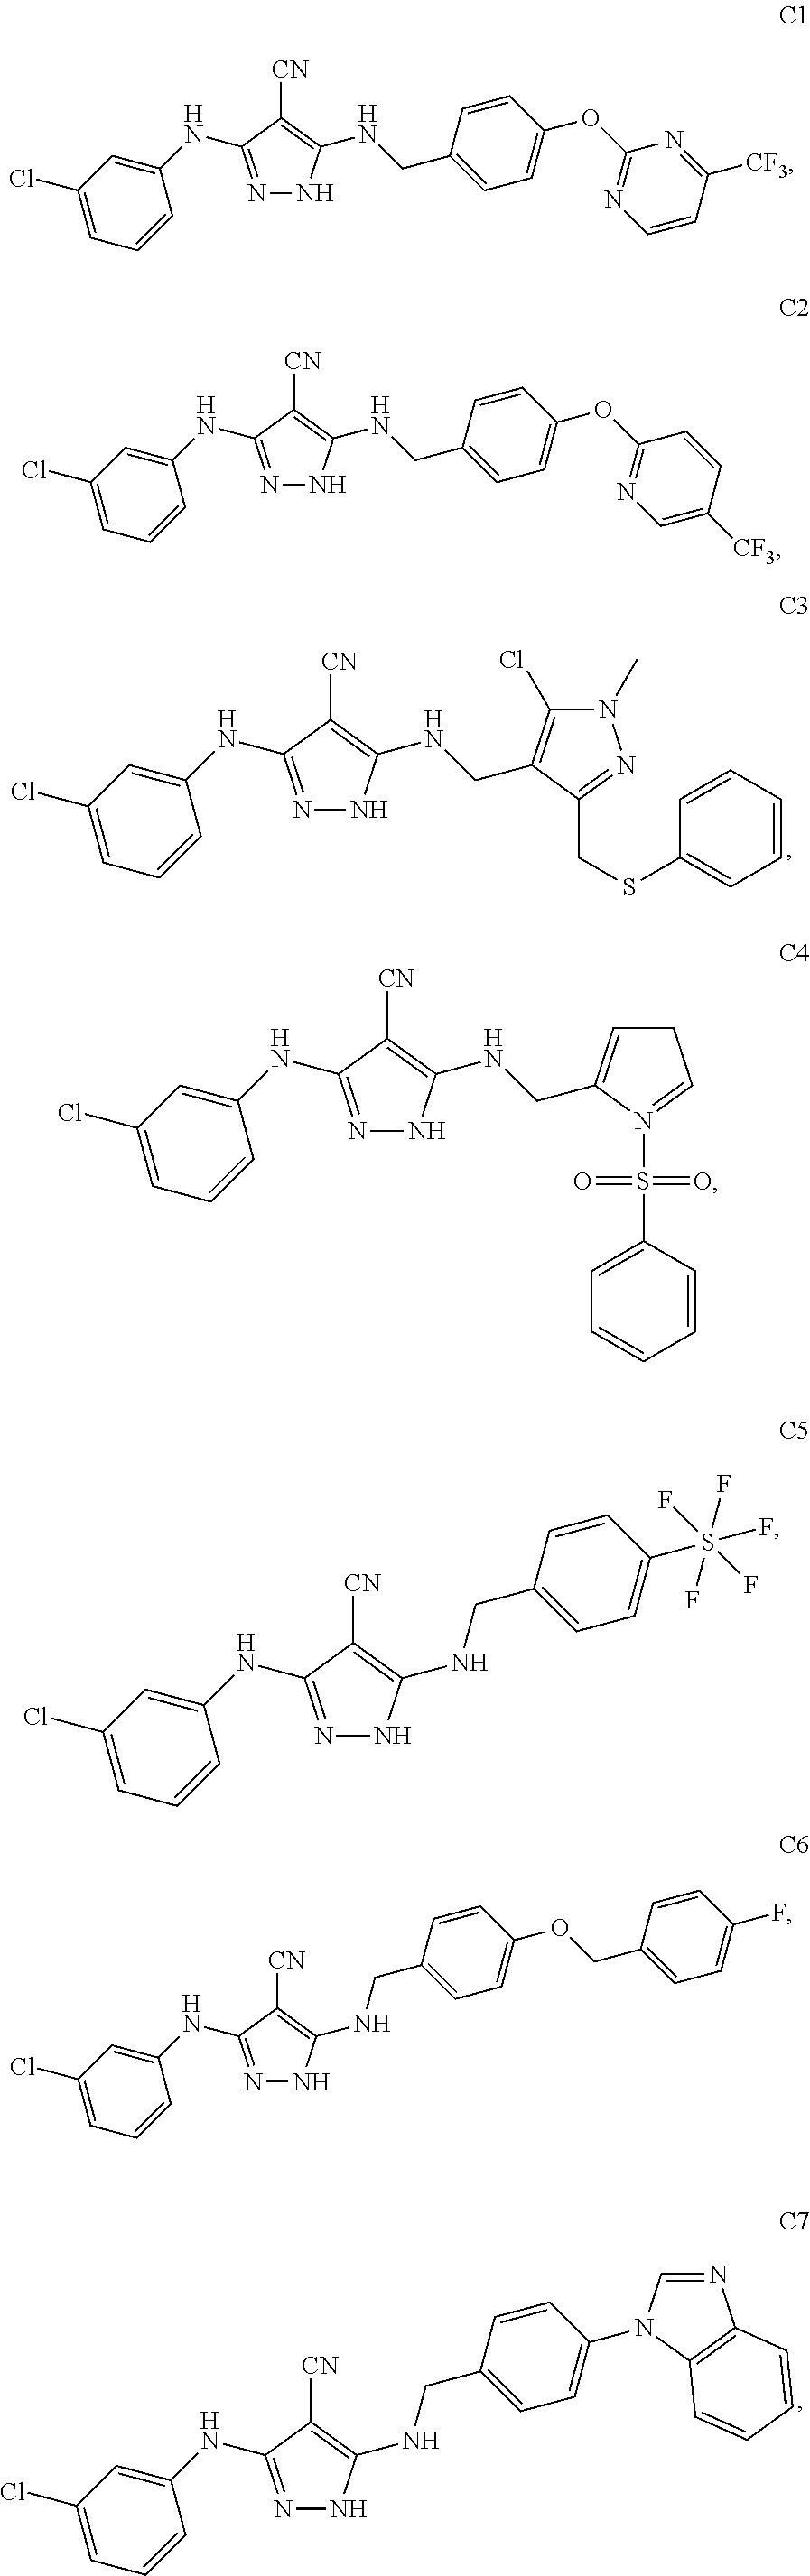 Figure US09346792-20160524-C00054